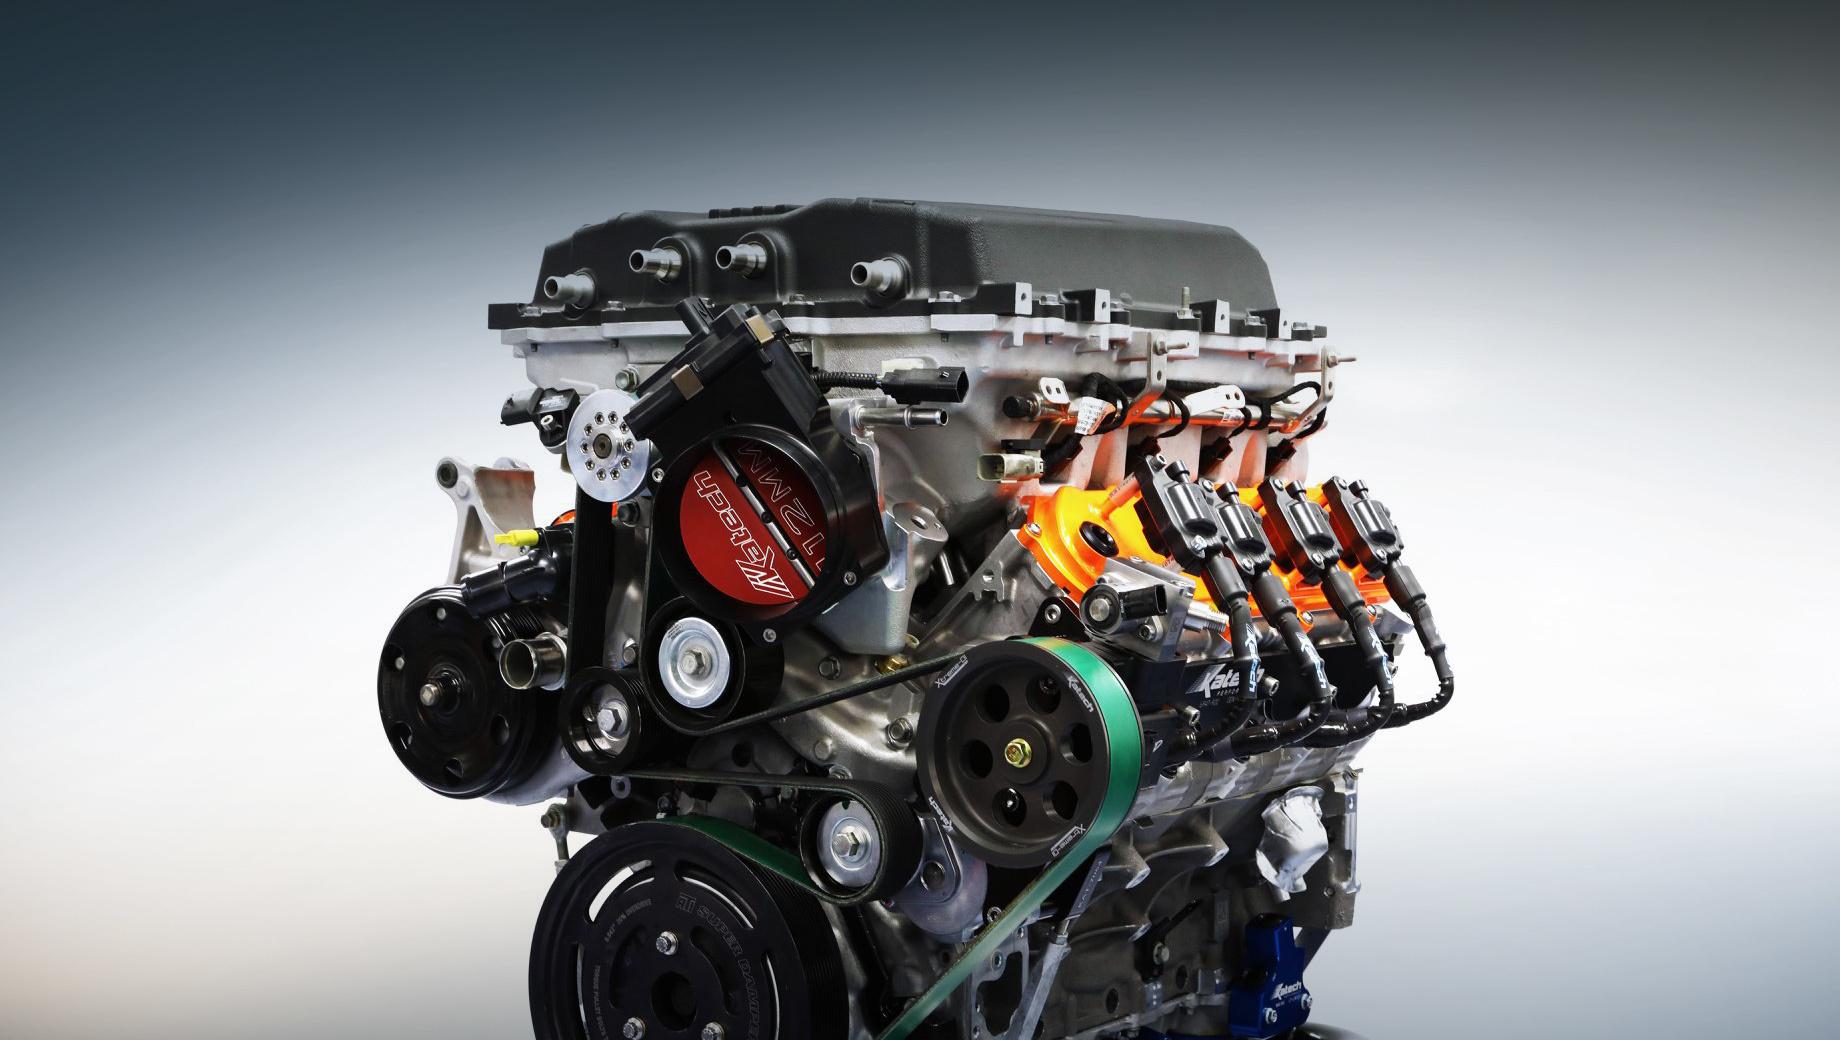 Chevrolet corvette. Свои моторы бюро Katech готово продать любому желающему. С ценами на новинку там пока не определились, но удовольствие в любом случае будет не из дешёвых. Например, за LT1 (811 л.с., 868 Н•м) из той же линейки сейчас просят $32 817 (2,3 млн рублей).